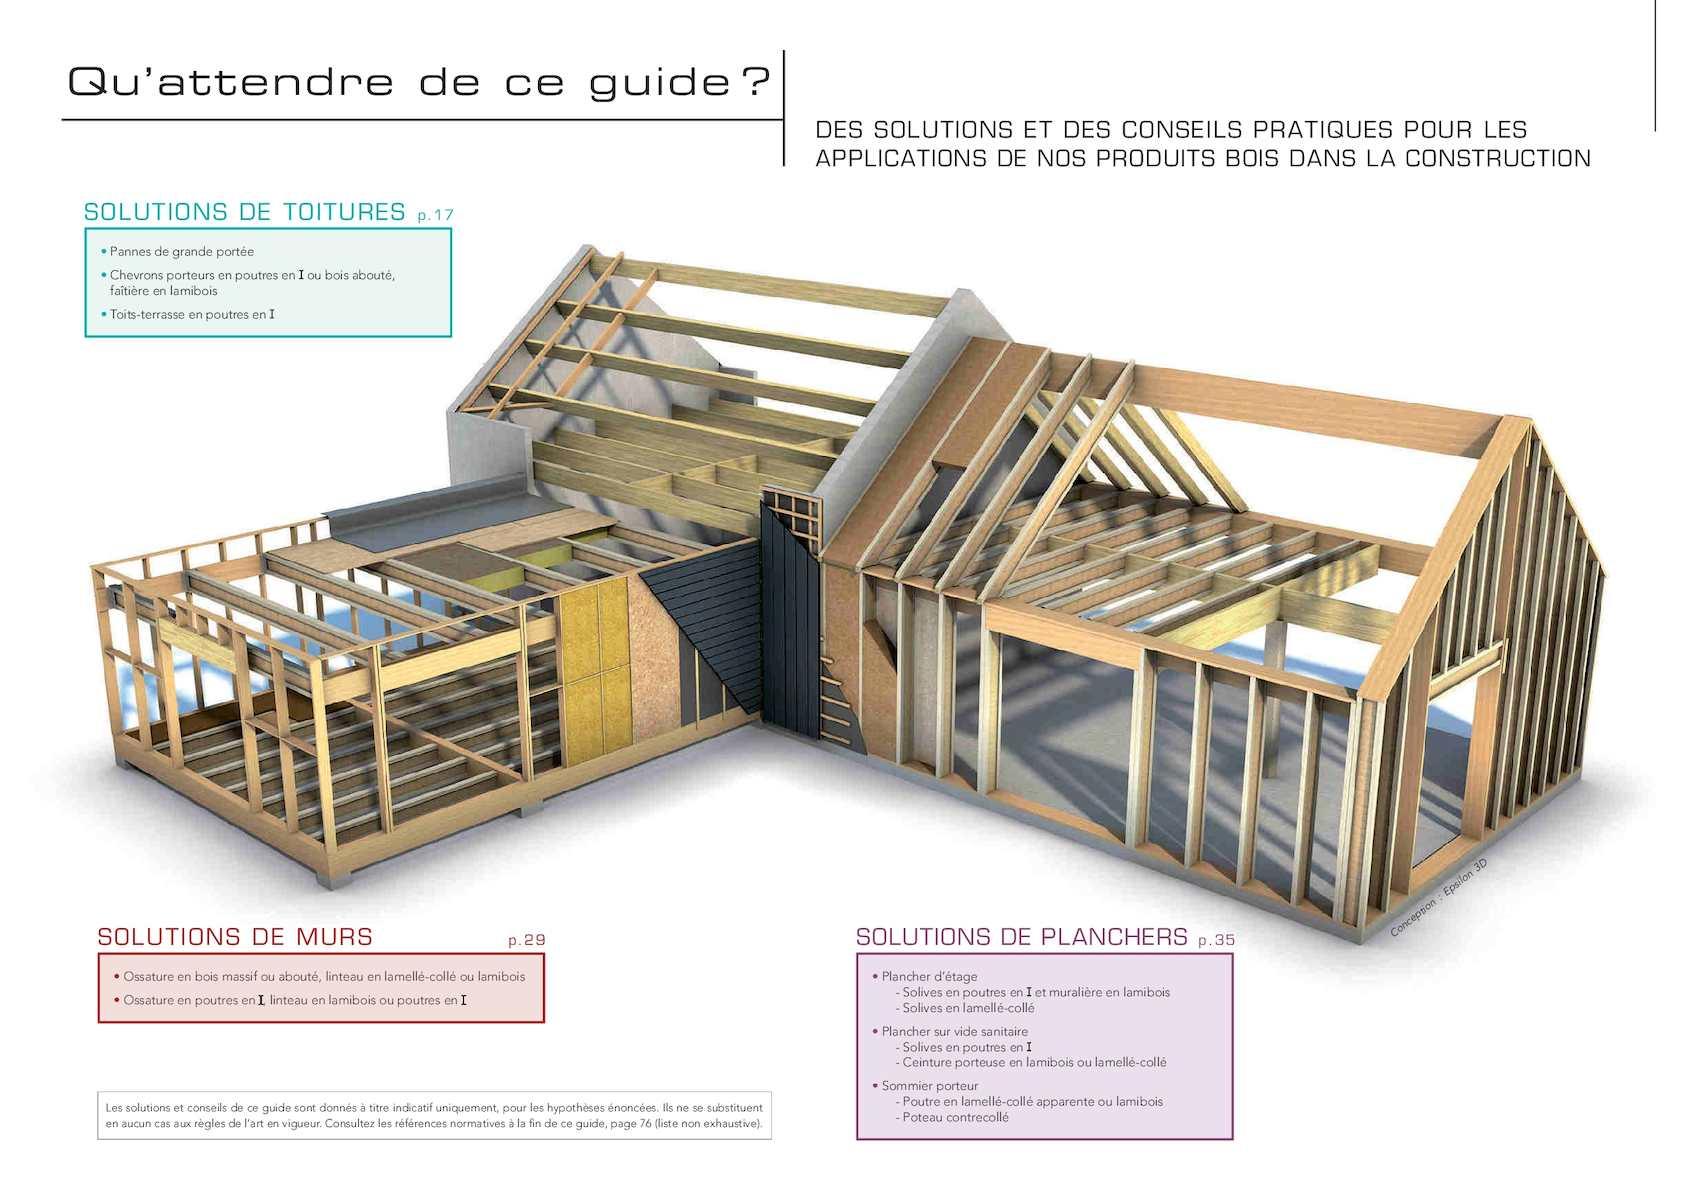 Poteau Bois Pour Terrasse guide technique structure bois 2016 - calameo downloader